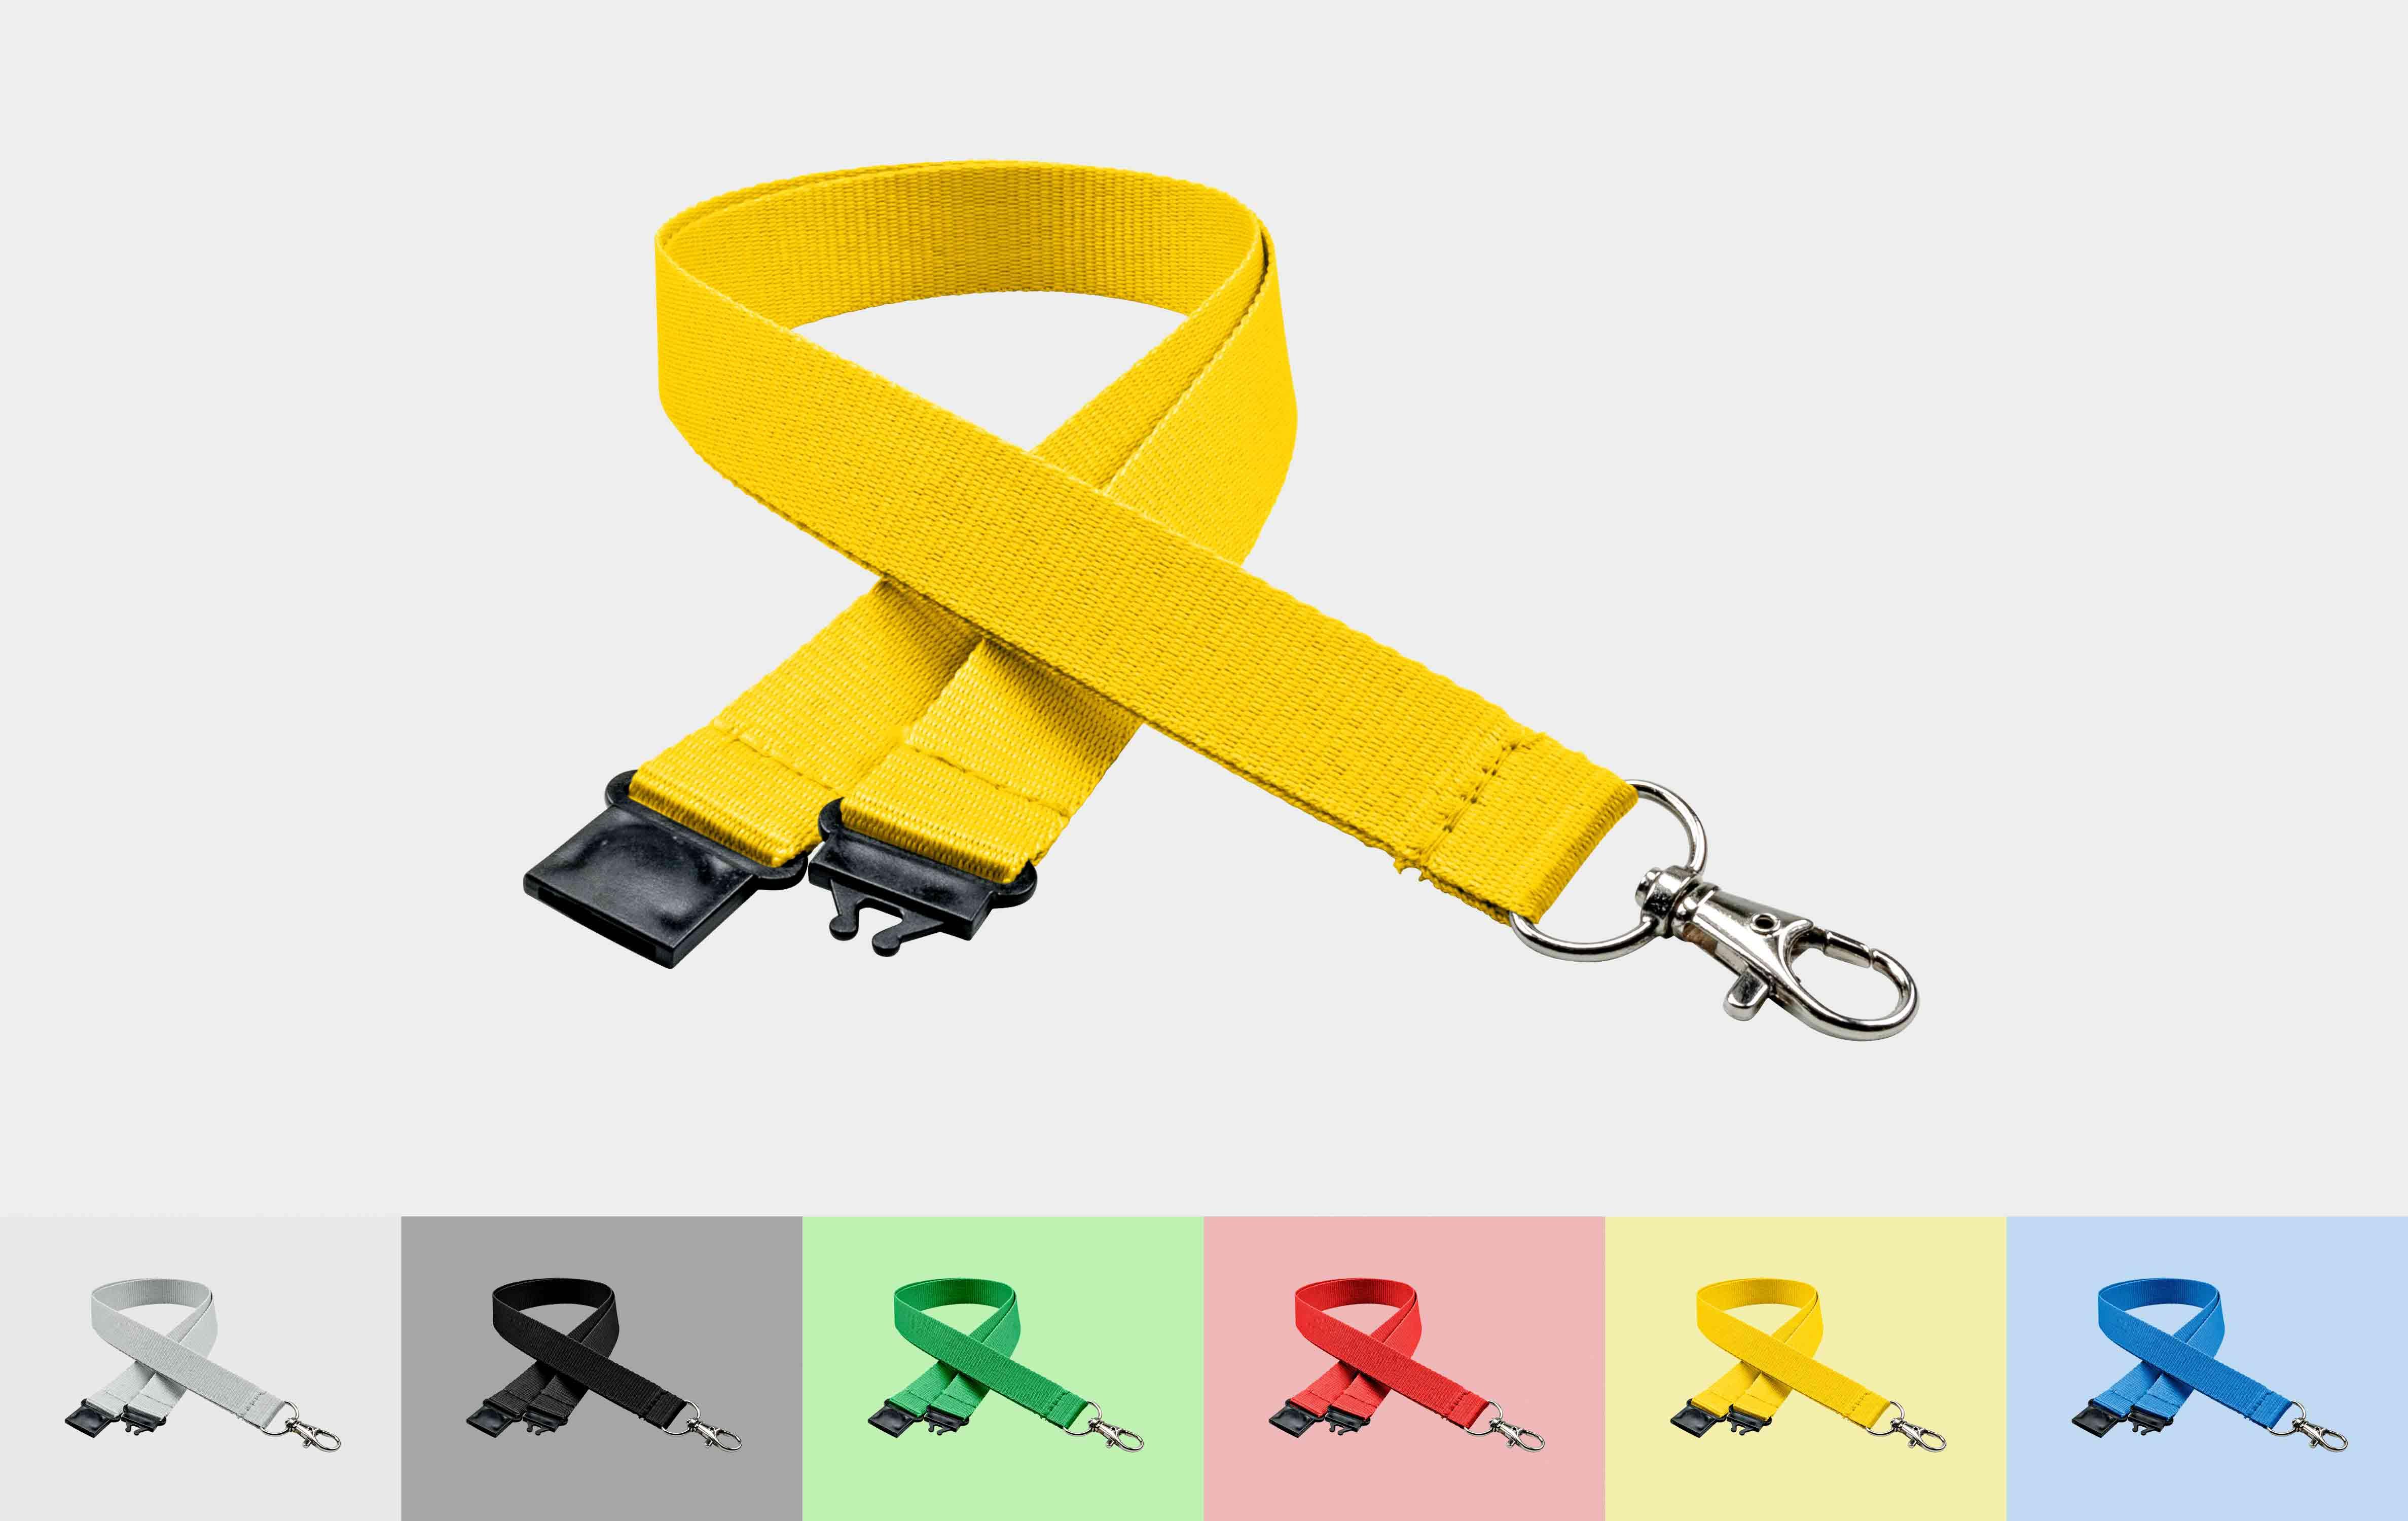 10 Stück Schlüsselbänder 20 mm, easy going Haken, Sicherheitsverschluss